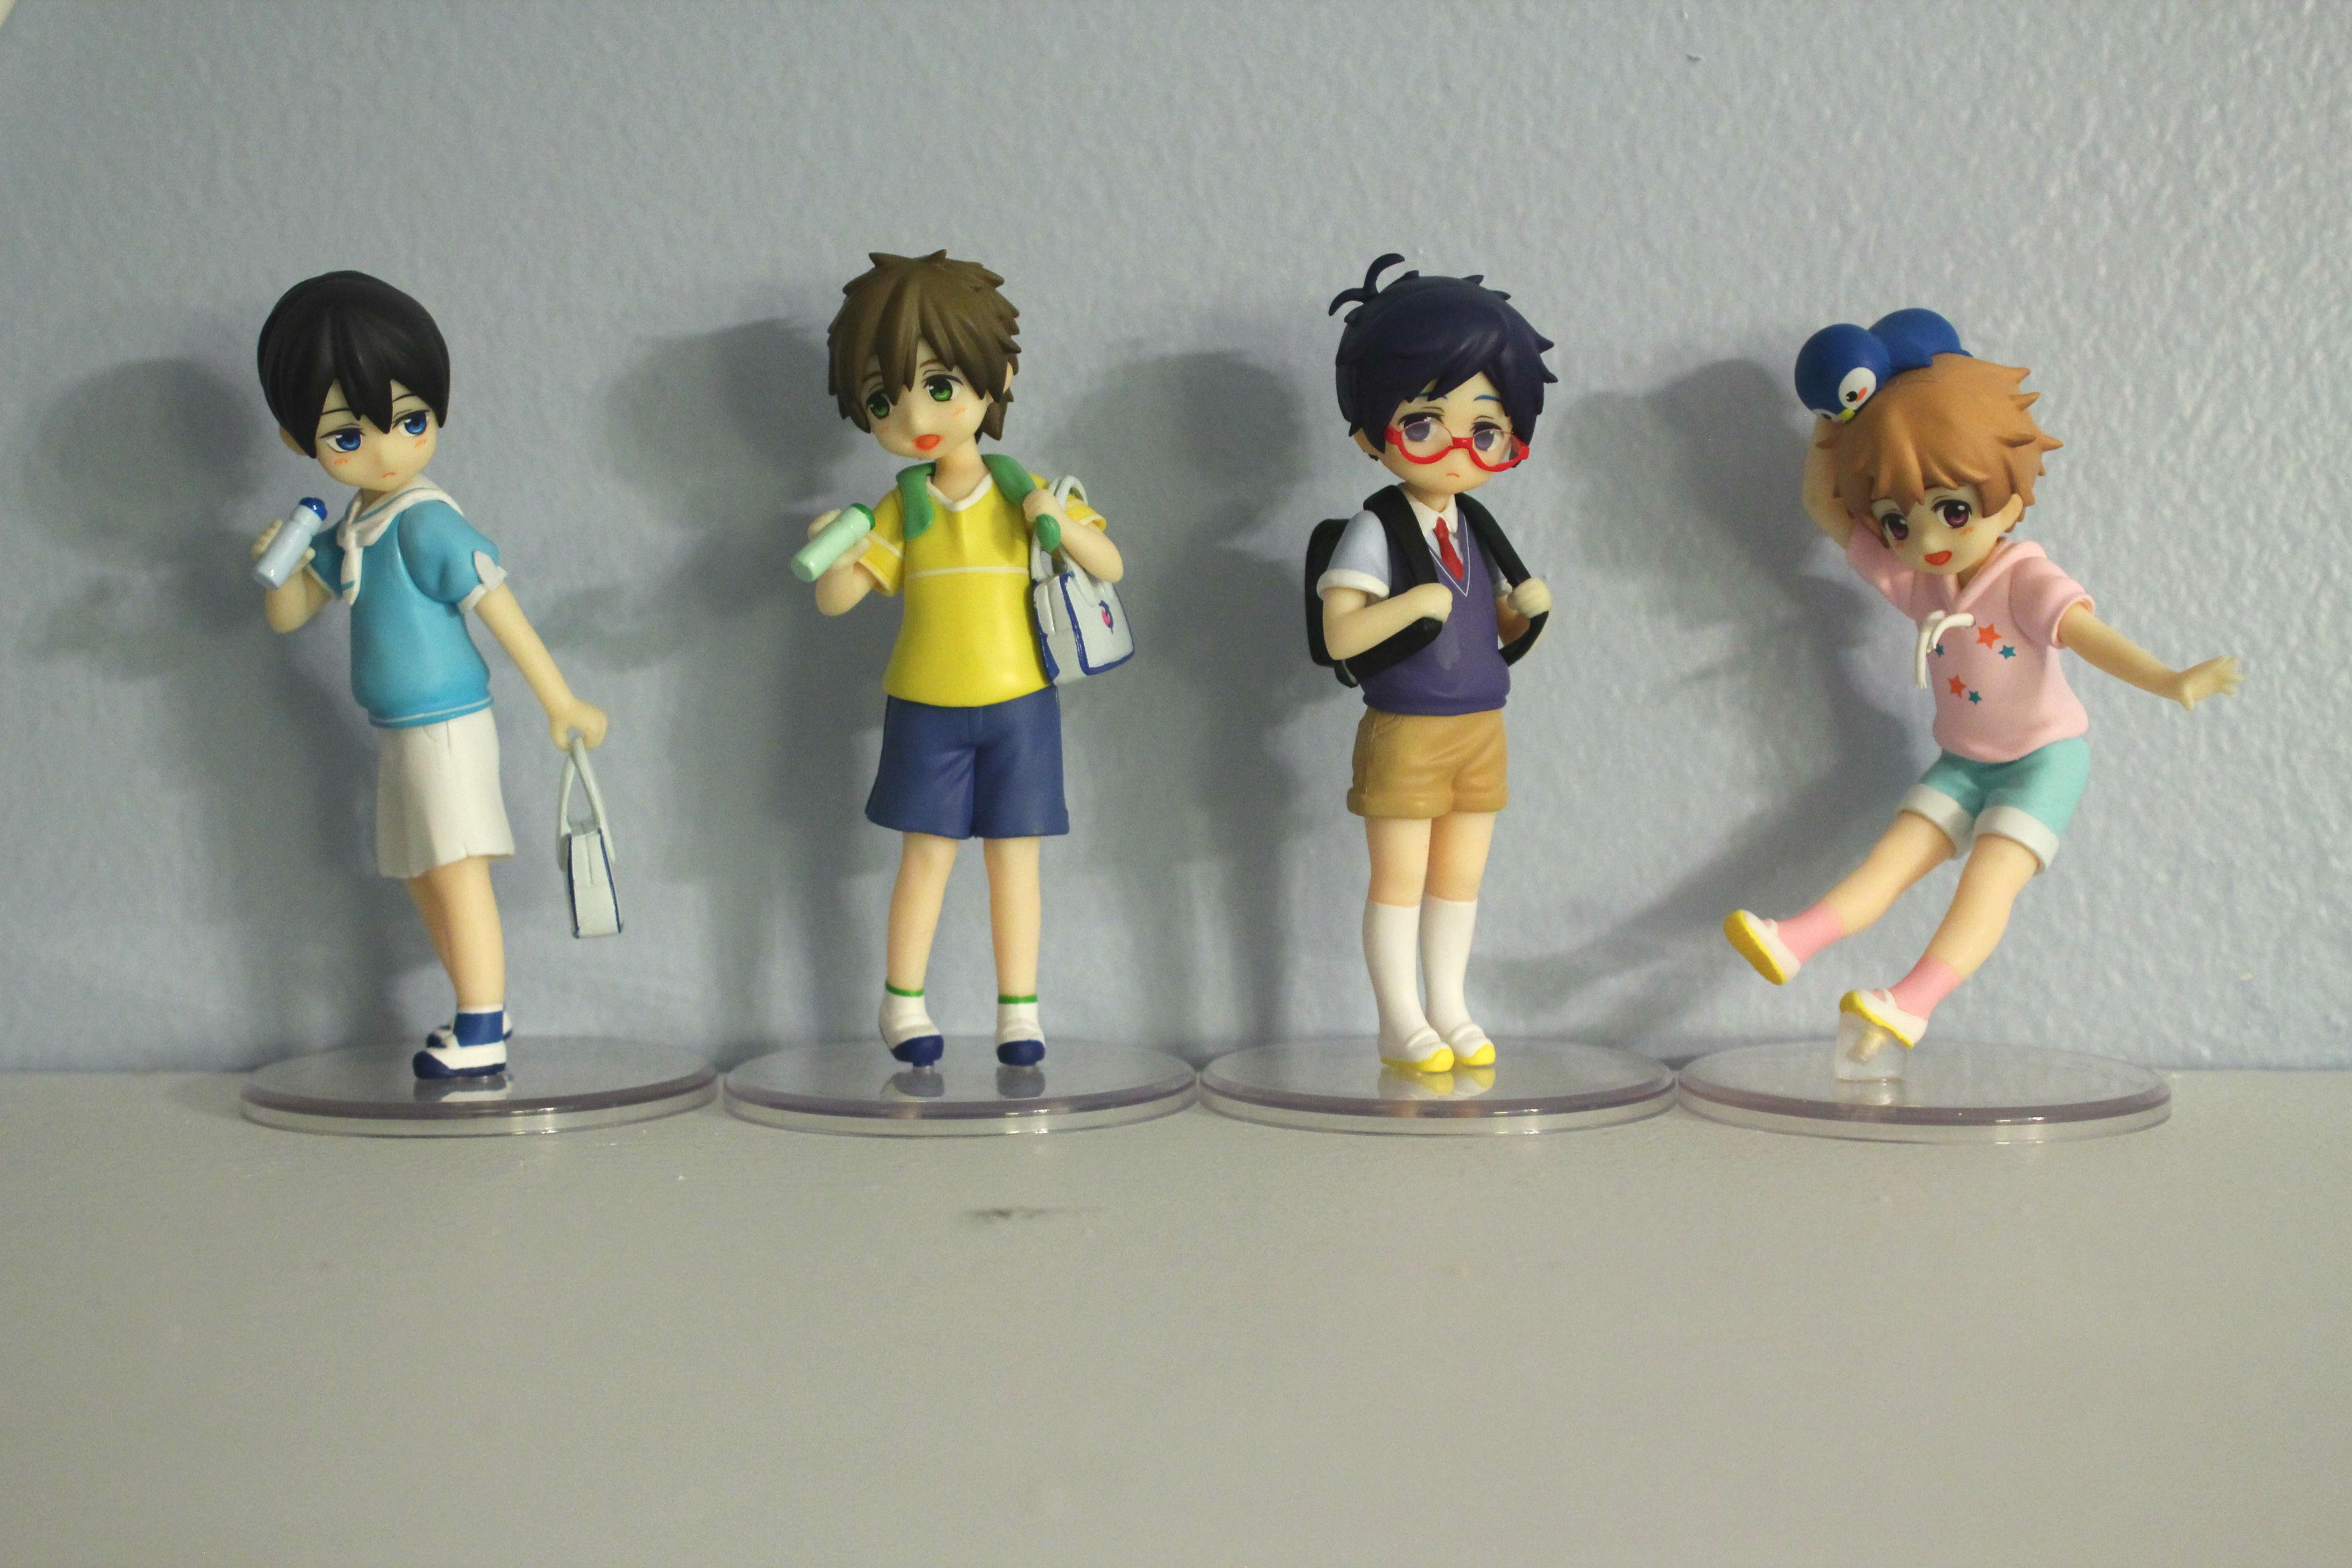 chara-ani toy's_works yamaki chikai yontengo nanase_haruka tachibana_makoto hazuki_nagisa ryuugazaki_rei ooji_kouji free!_-eternal_summer- toy'sworks_collection_yontengo_free!_-eternal_summer-